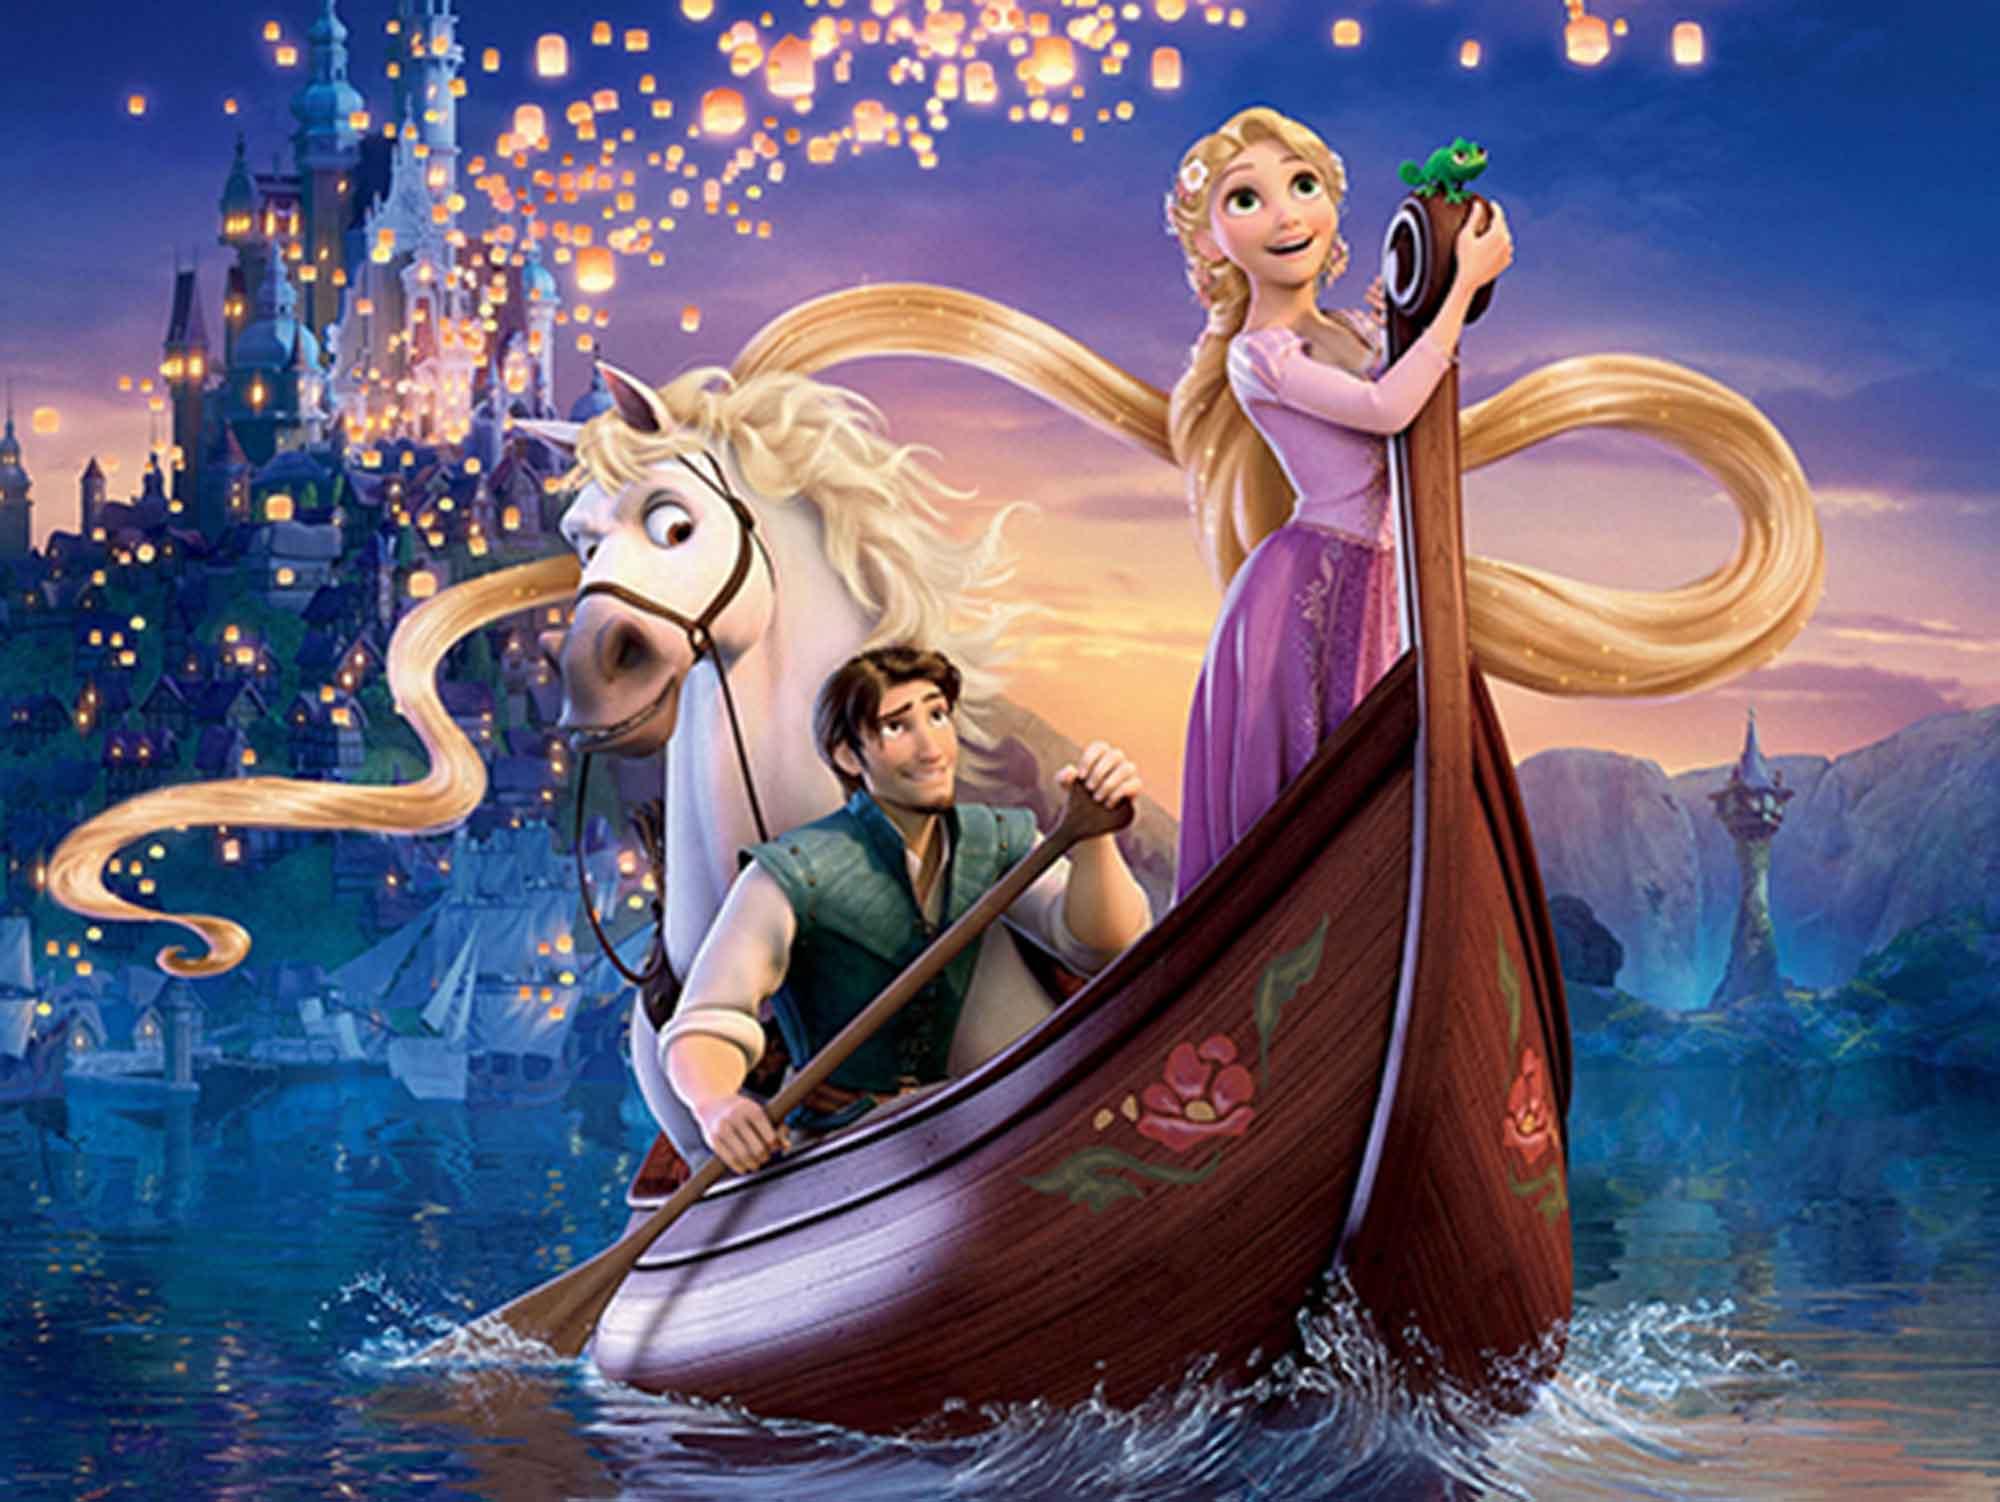 Papel de Parede Infantil Rapunzel  0009  - Paredes Decoradas